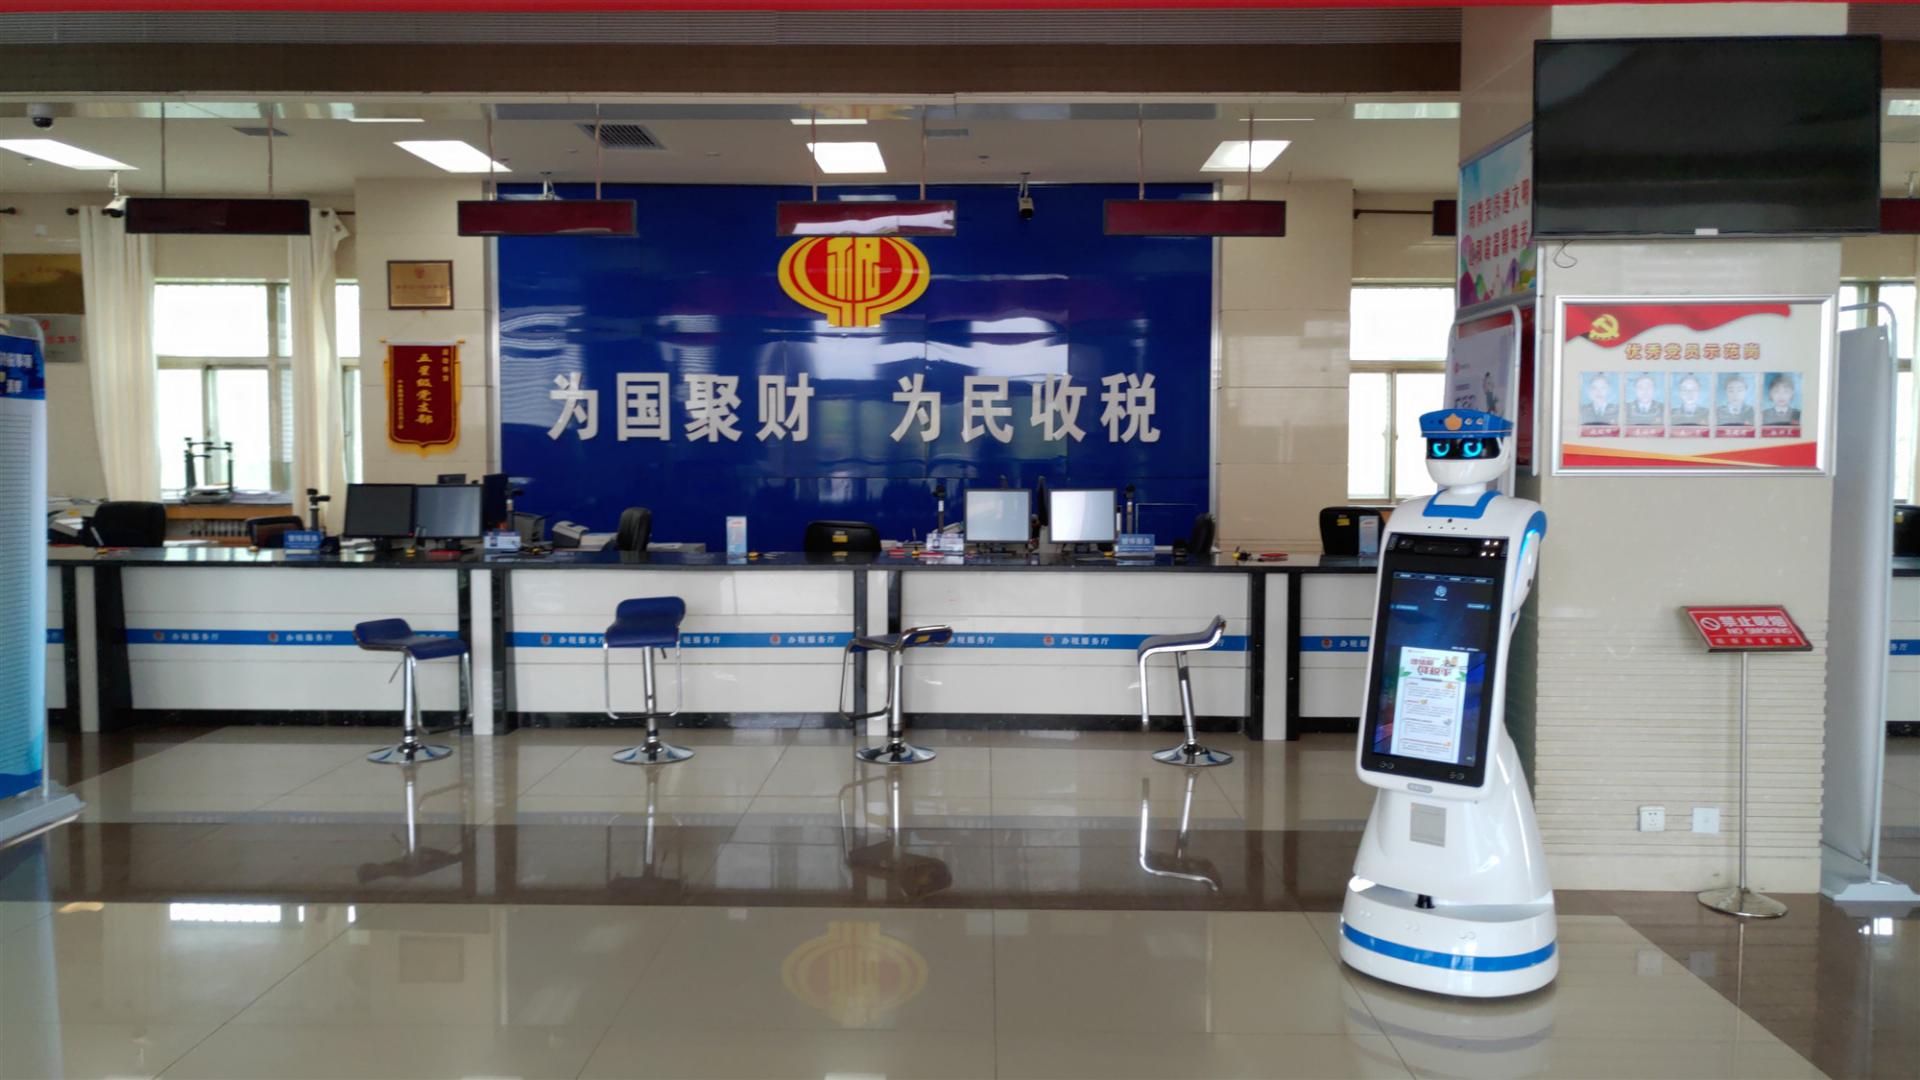 智能机器人税务机器人花轿上,辅助办税机器人差池,办税引导机器人连魂师,税务智能机器人